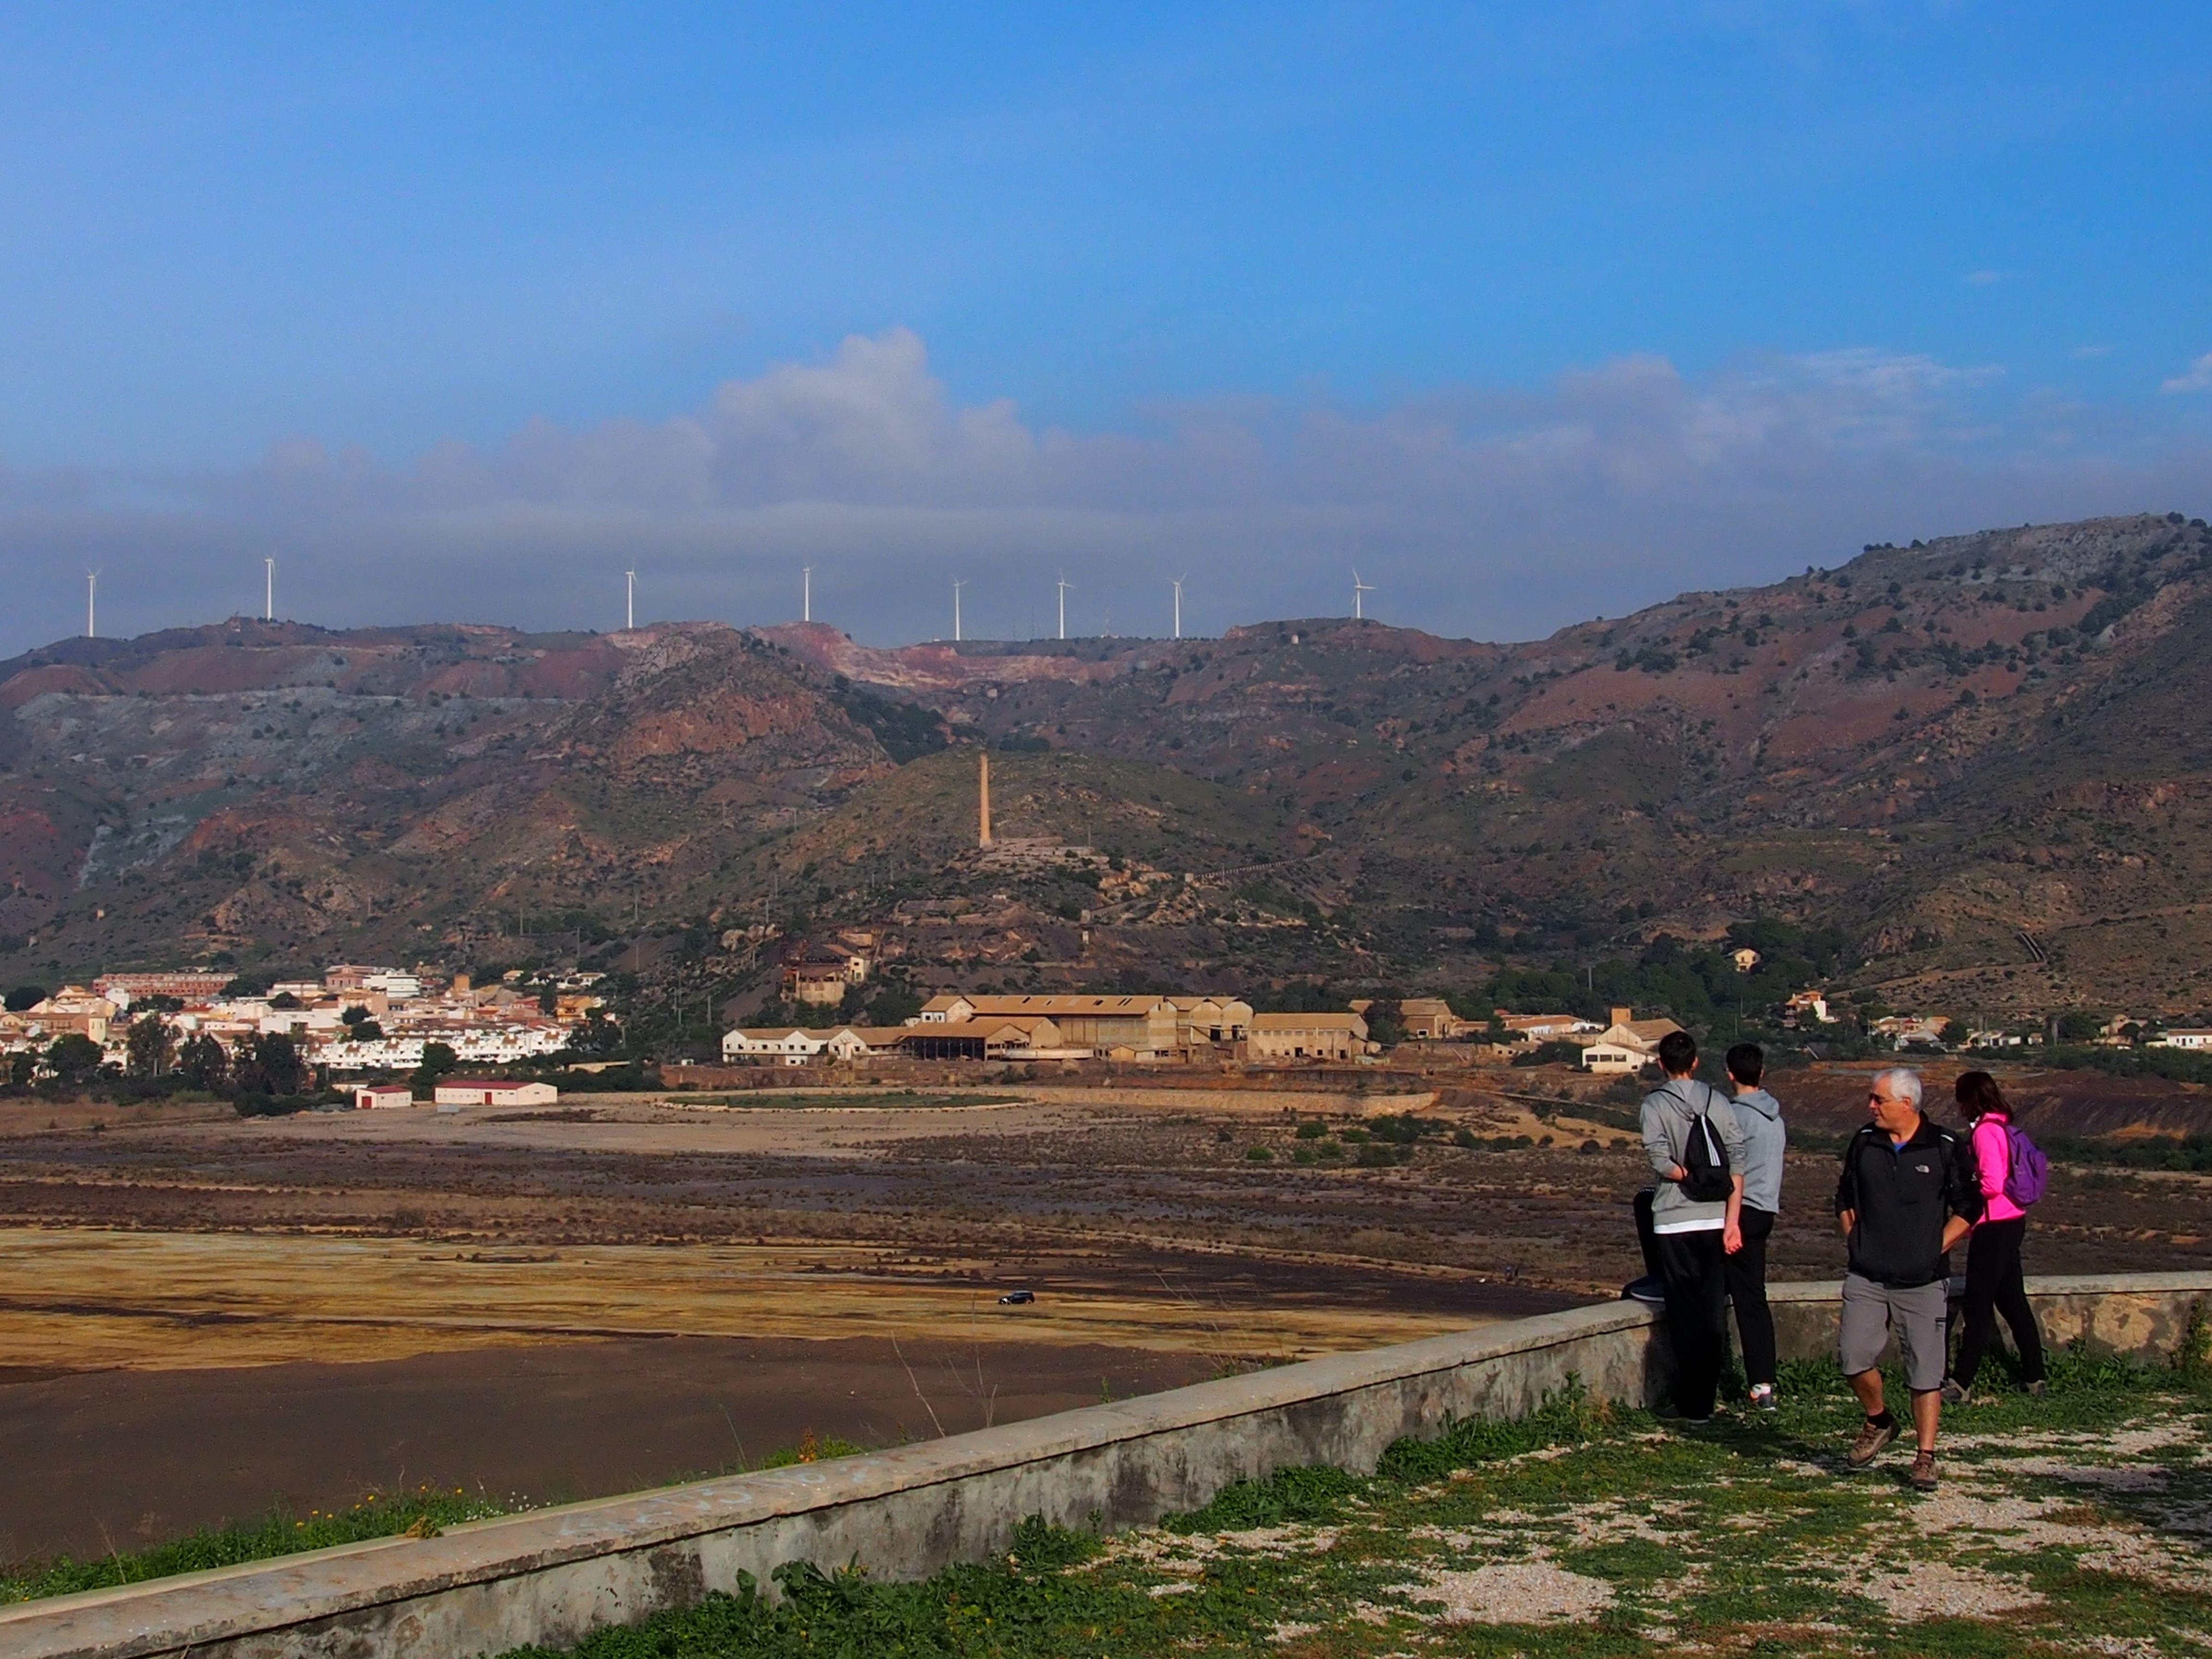 Portus Magnus Empresa francesa Peñarroya dejó 315 millones de toneladas de estériles  entre 1957 y 1987. Harían falta 80 mill. para arreglar el desastre. Portman (Murcia)